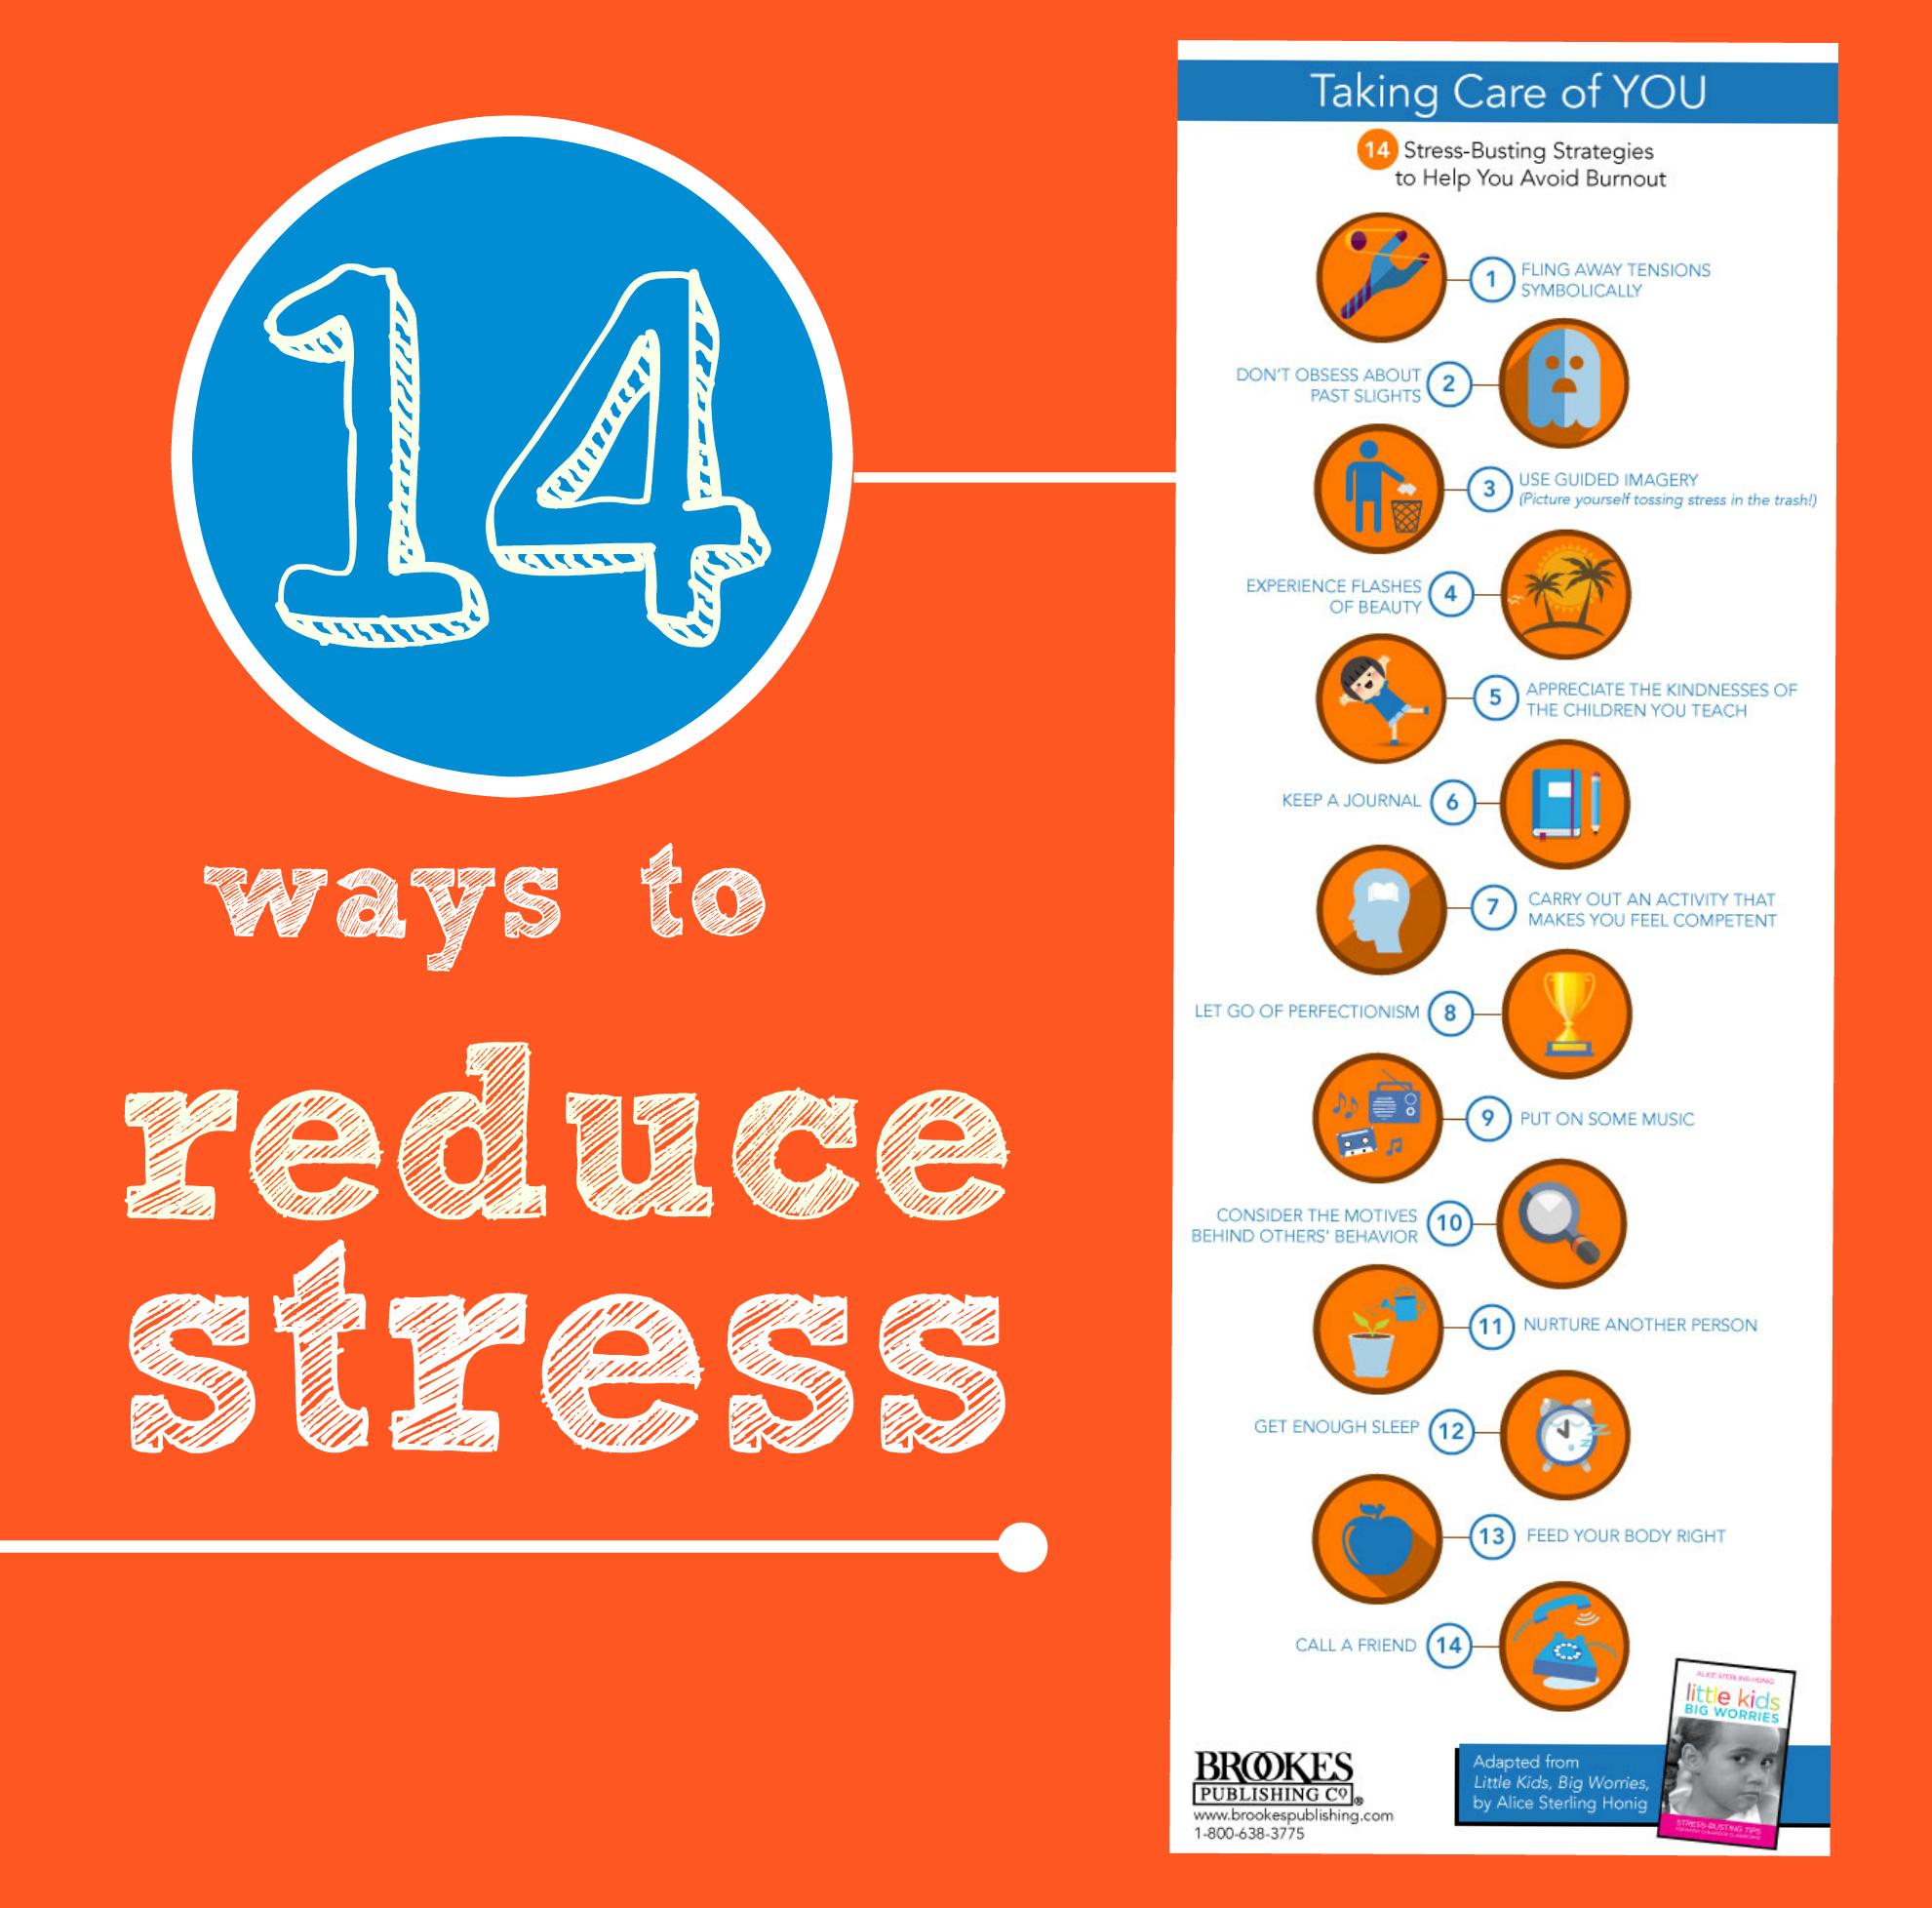 14 ways to reduce stress